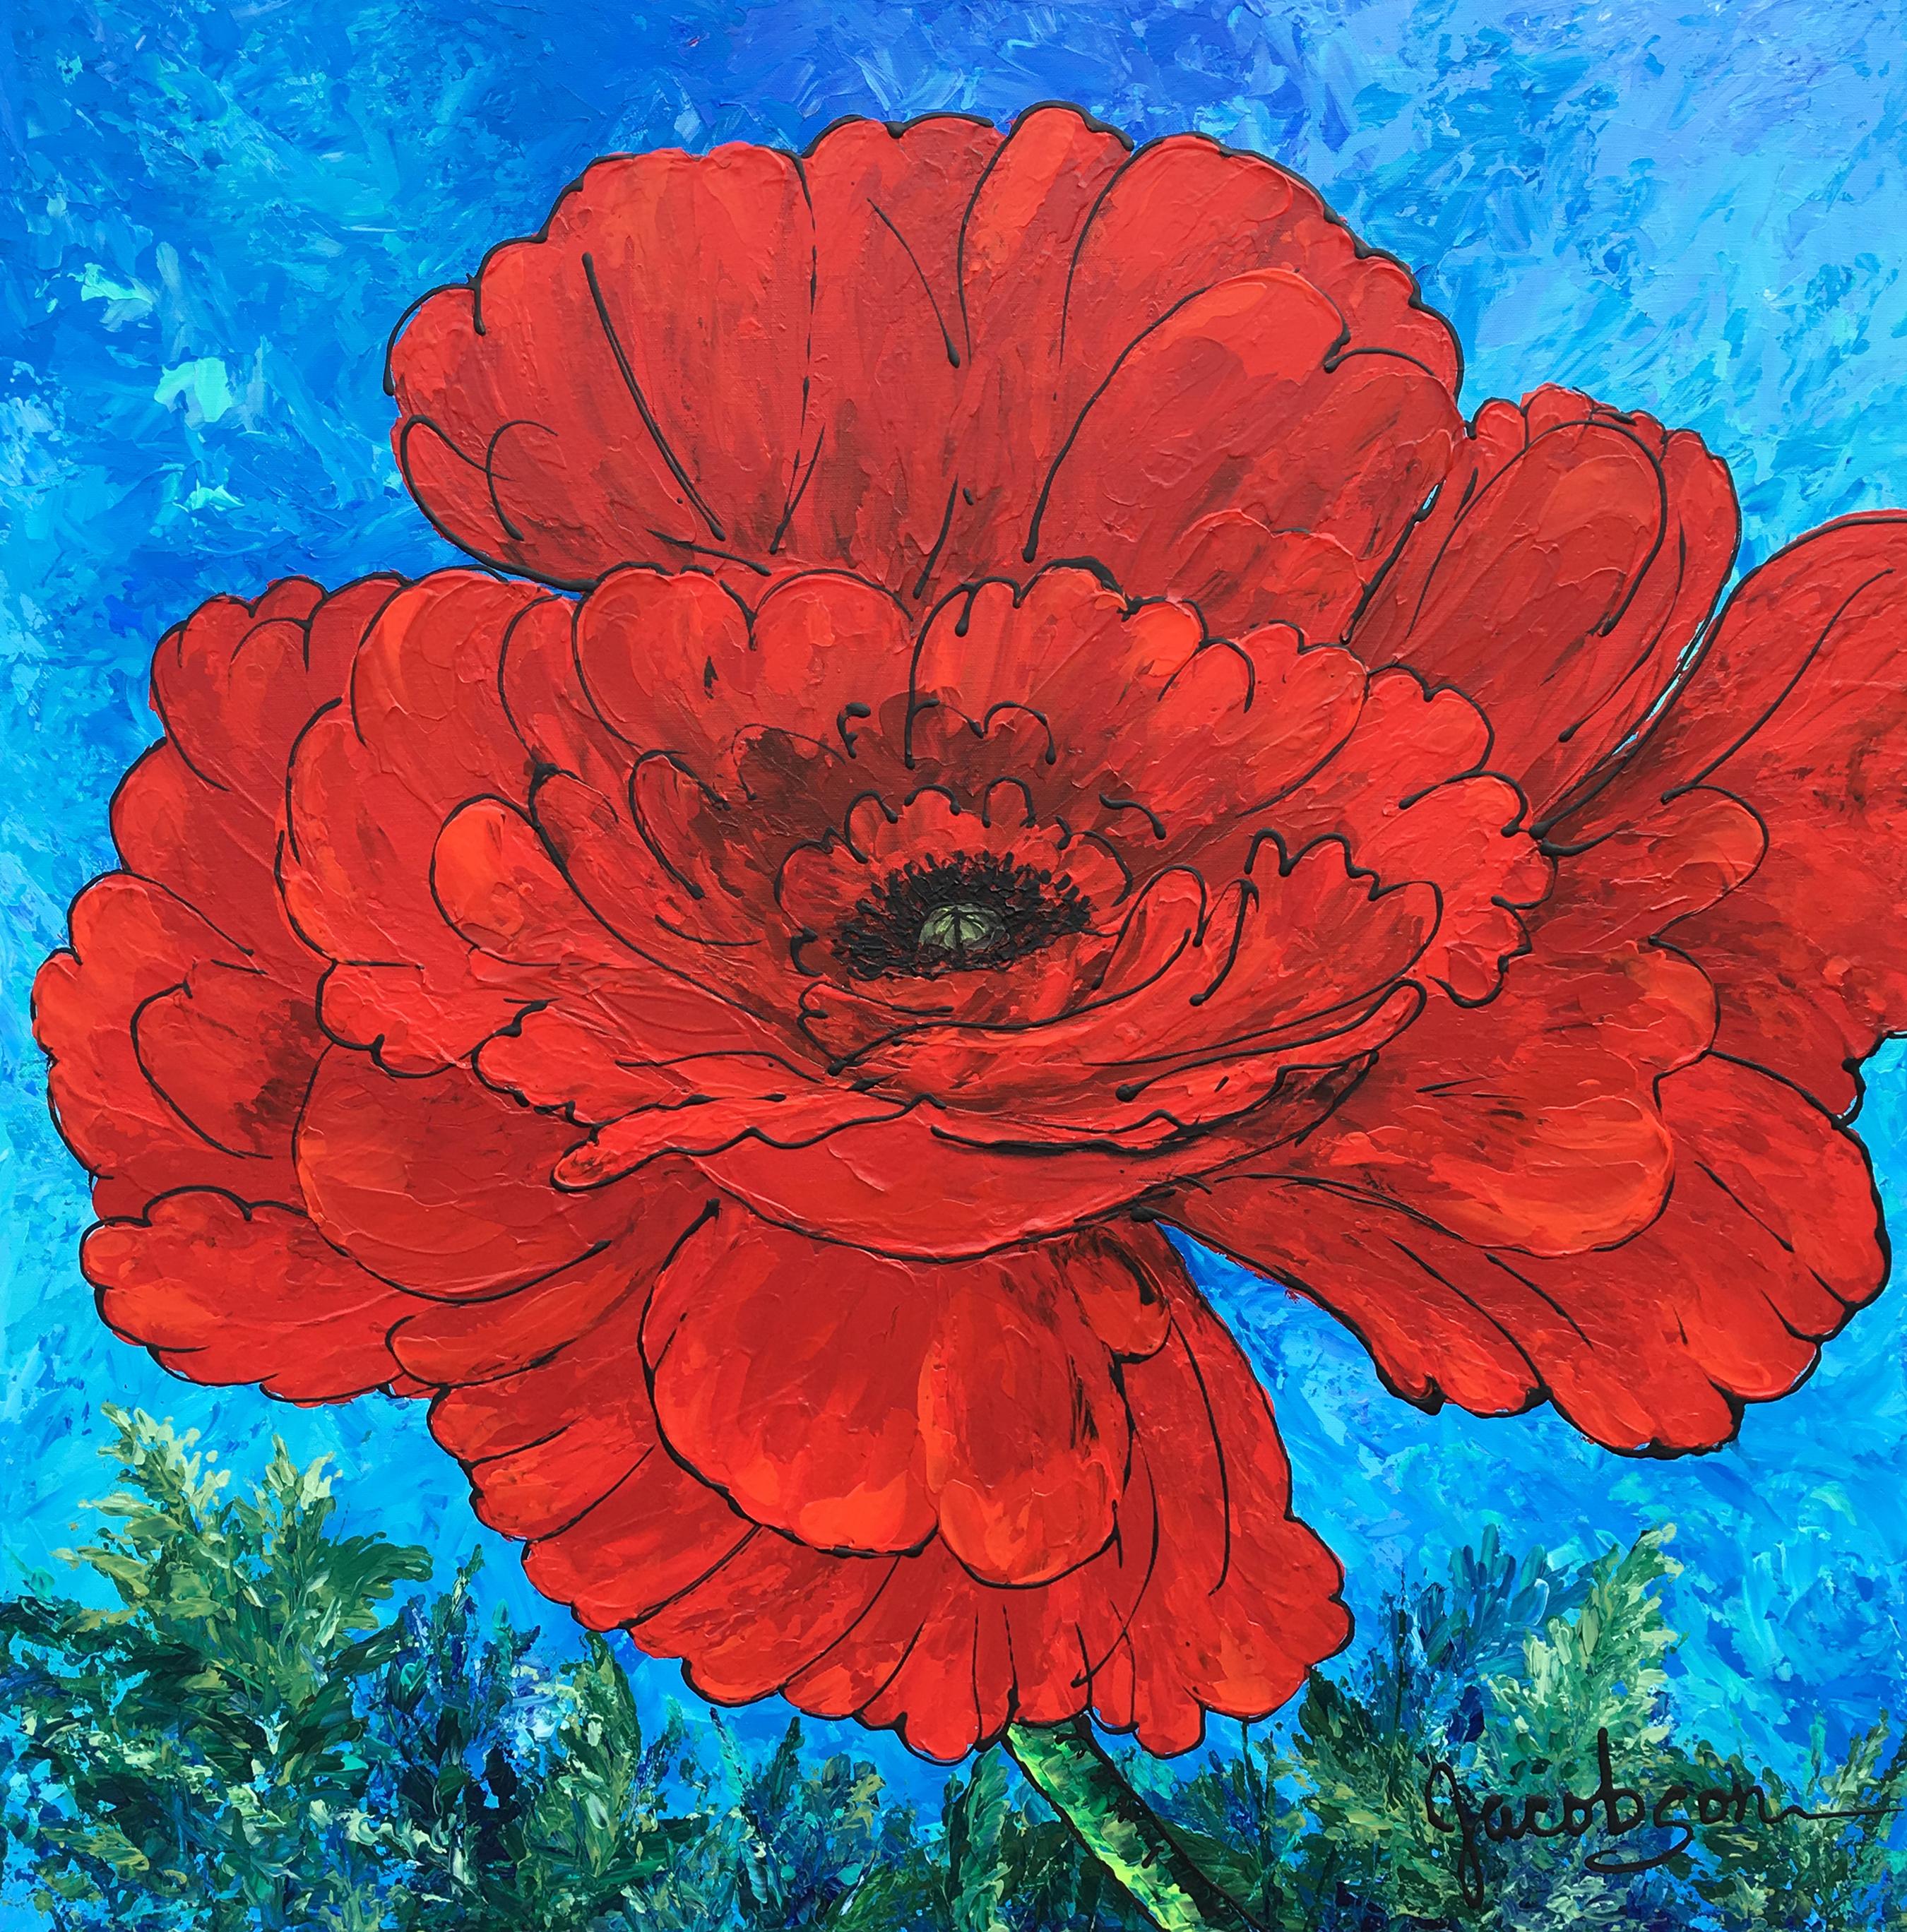 (c) Jacobson-In Full Bloom